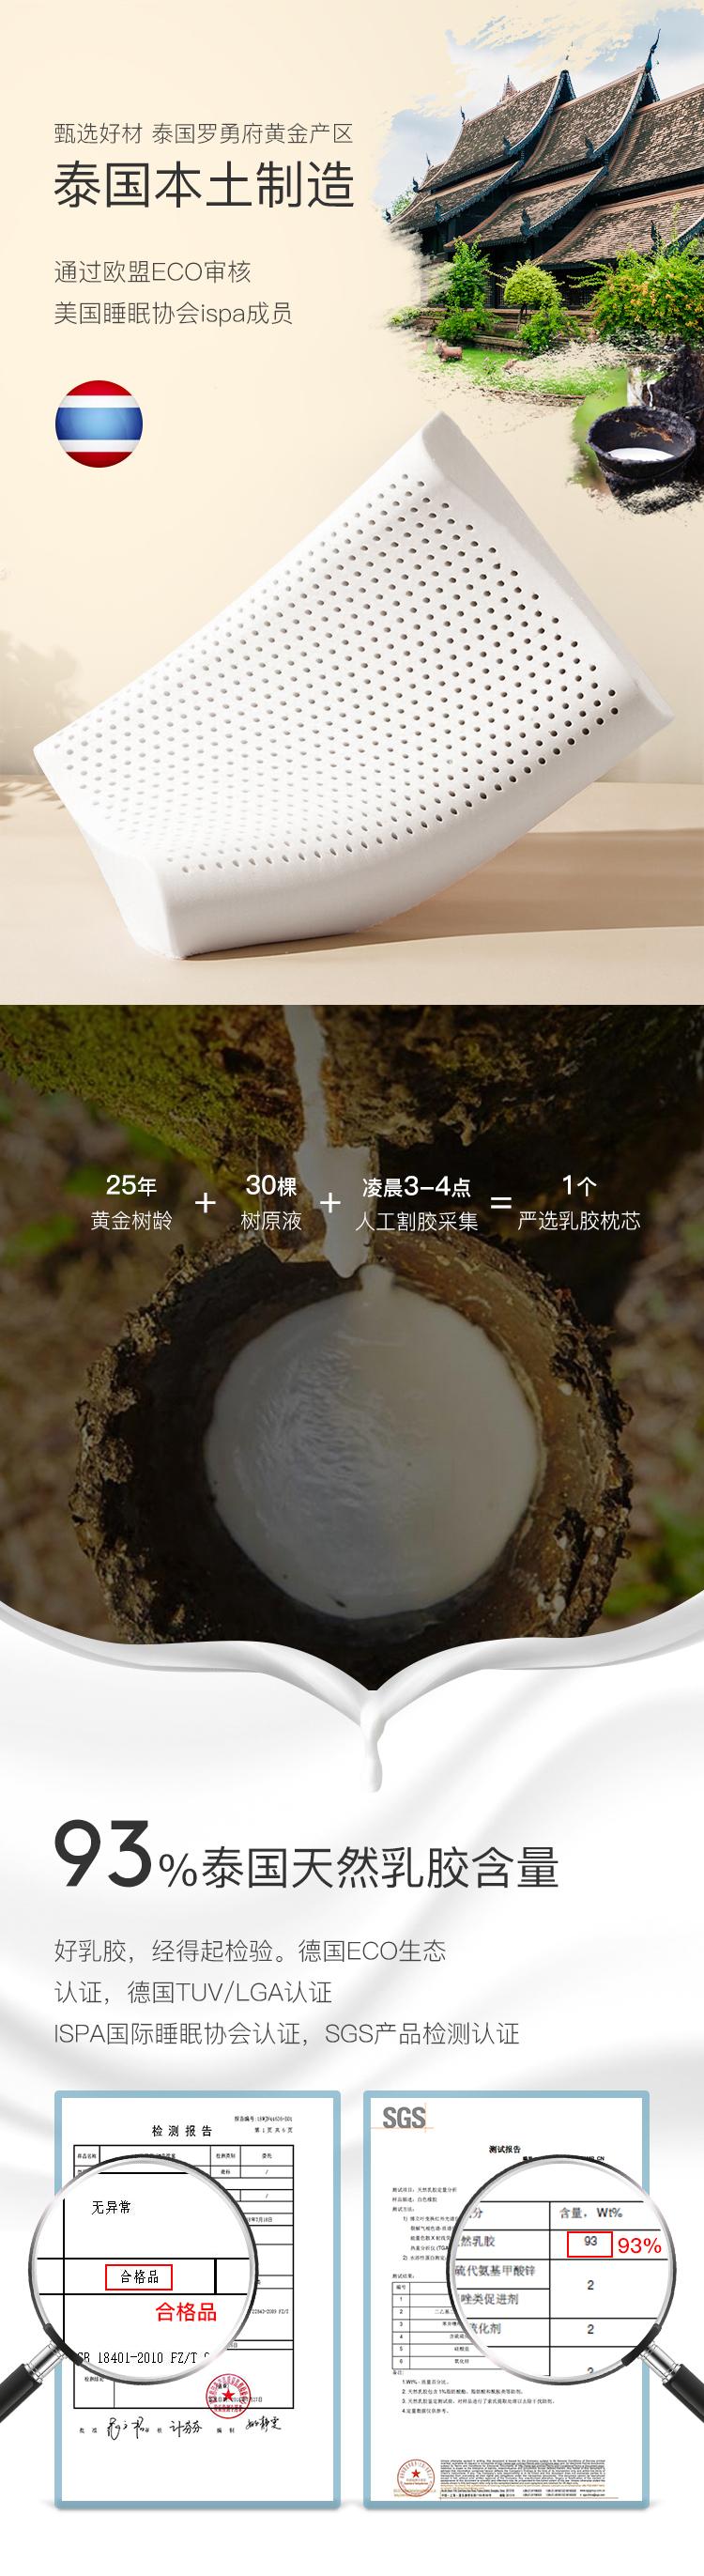 网易严选 泰国纯天然乳胶枕 SGS全程监控 抑菌除螨 图2